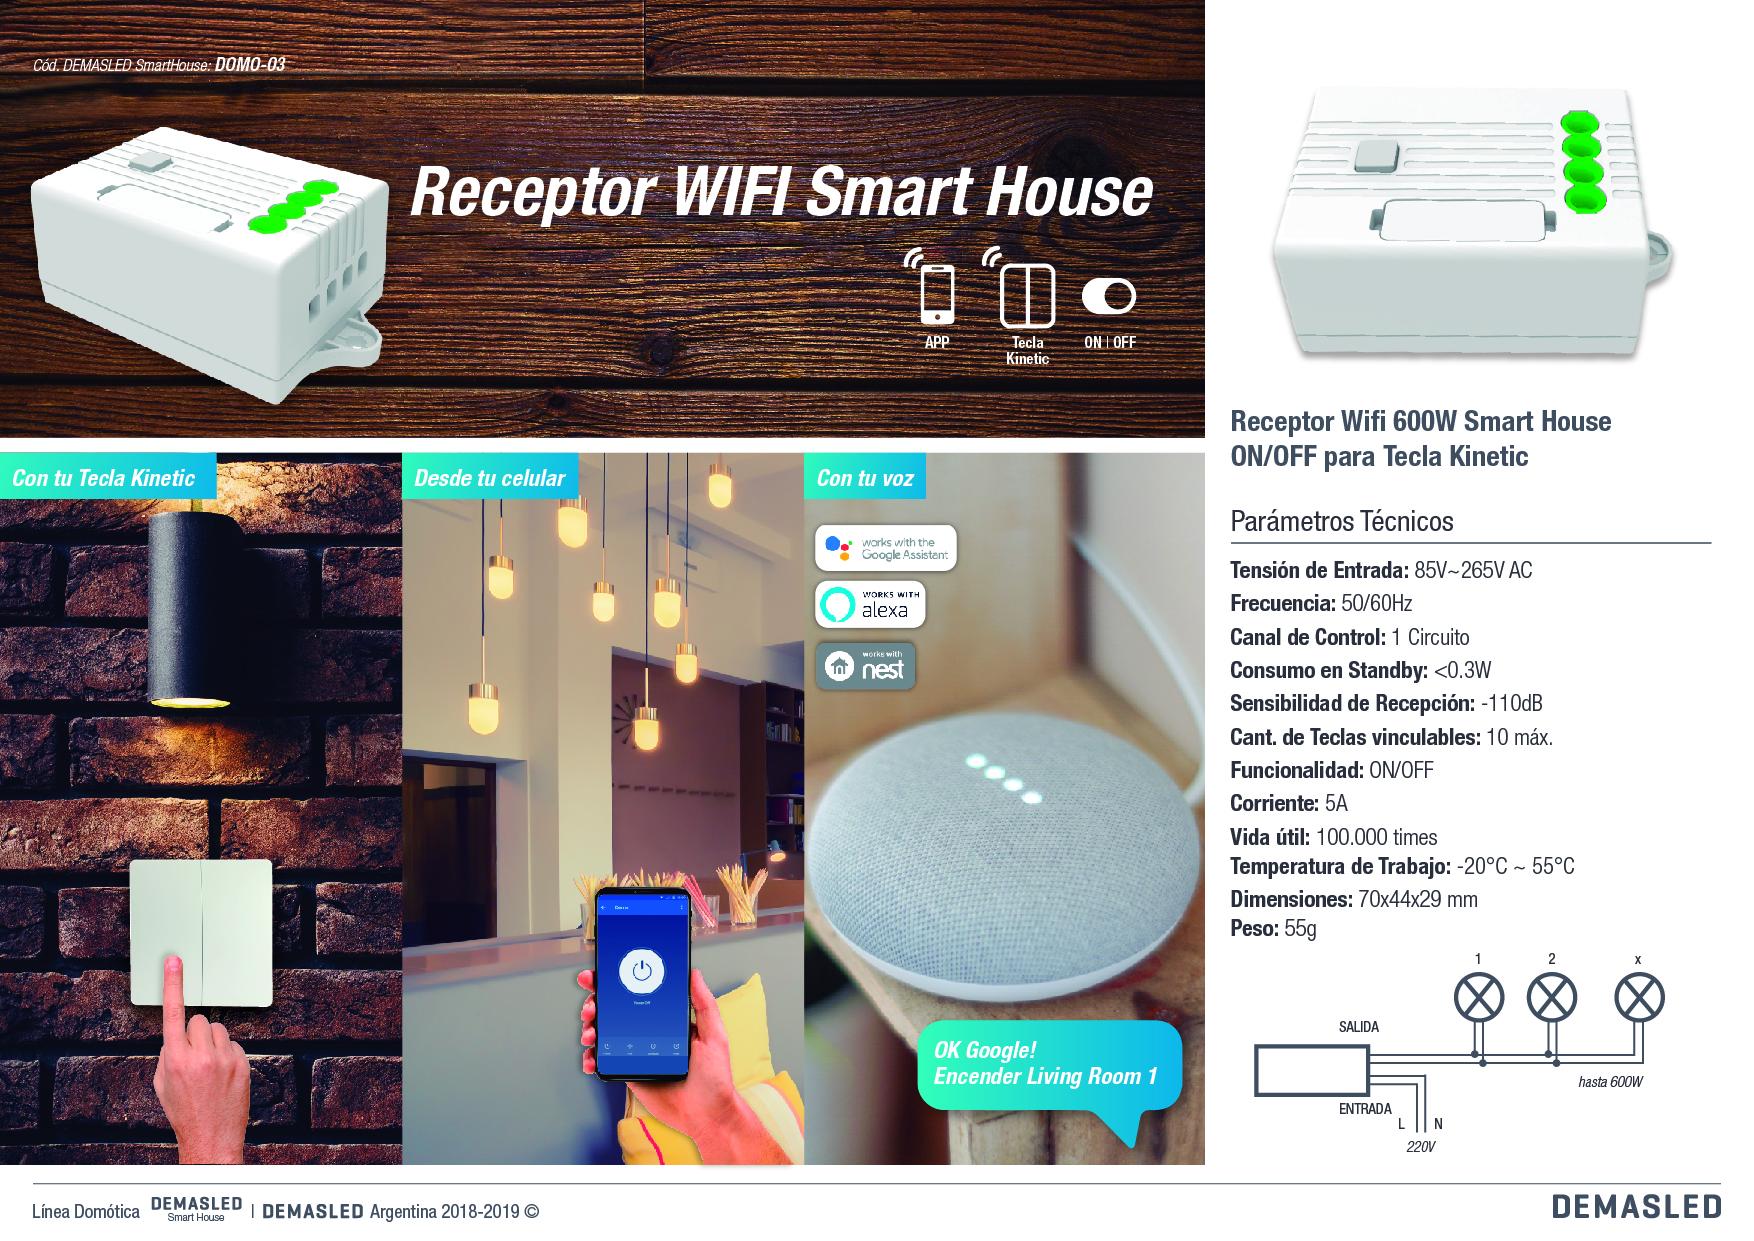 6307f4efaf1 El Receptor WIFI Smart House tiene un salida Relay (ON OFF) de hasta 600W.  lo cual permite la moderación sobre distintas luminarias